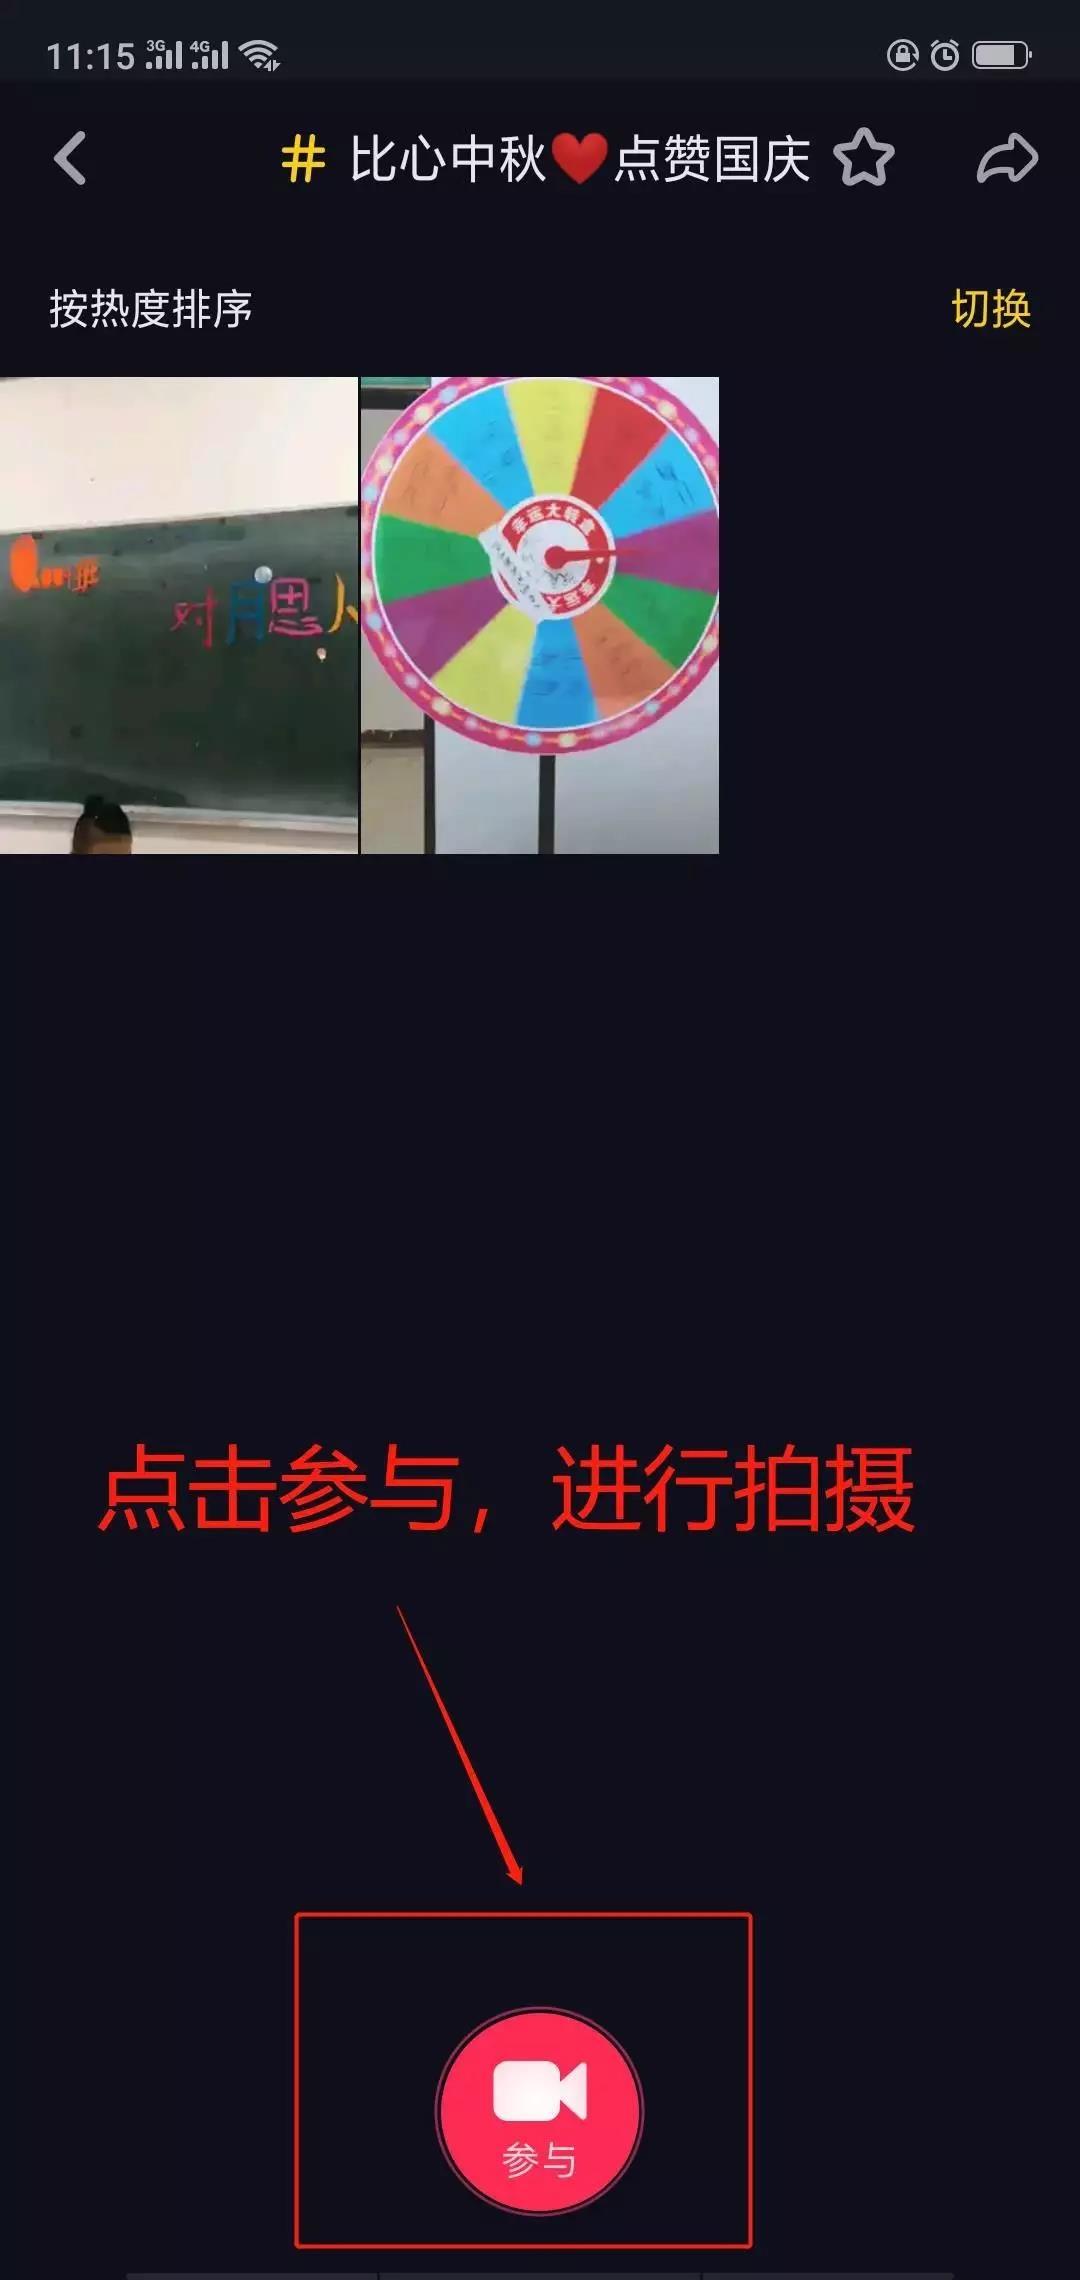 郑州北大青鸟职英抖音大赛拍摄指南3